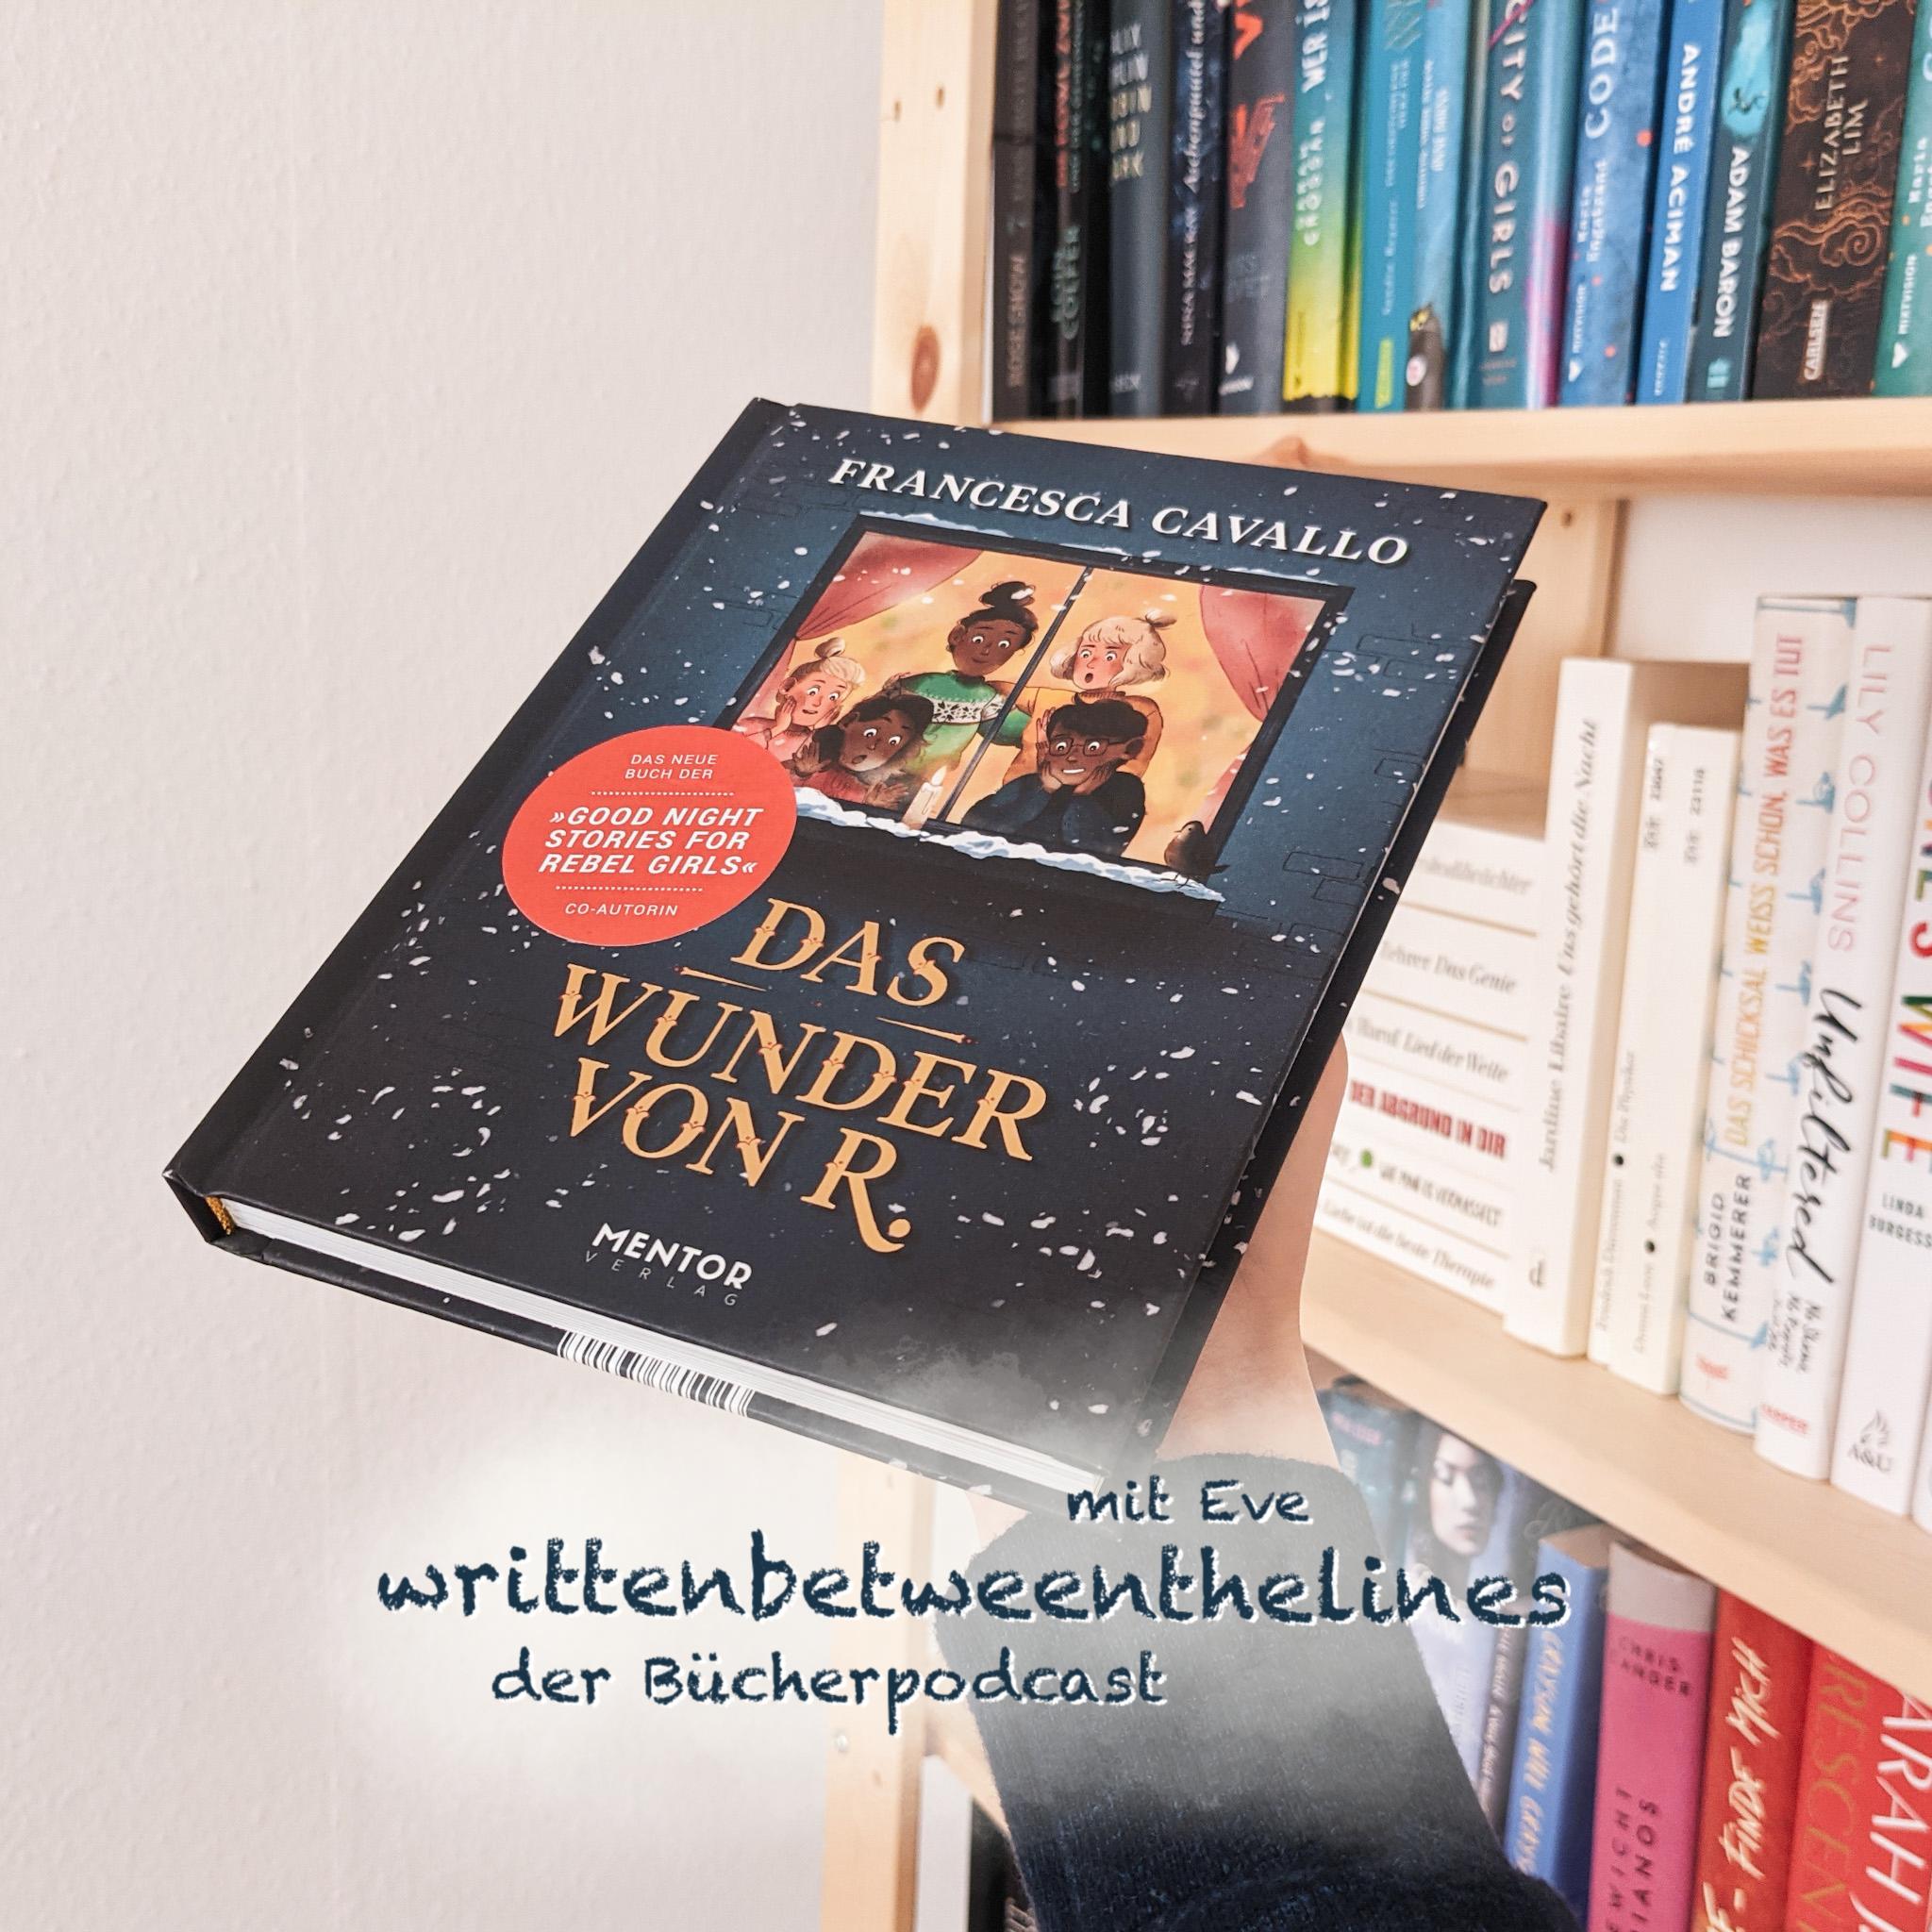 Neue Podcastfolge: 009 – writtenbetweenthelines der Bücherpodcast